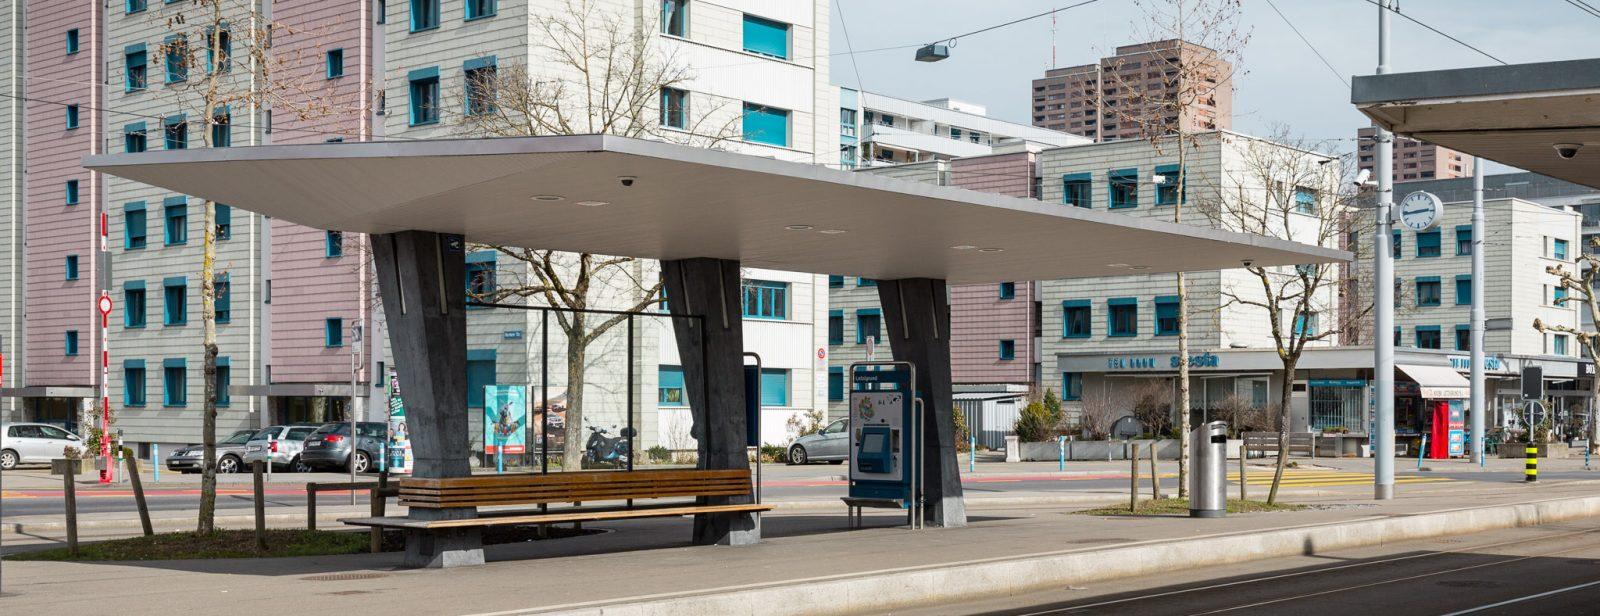 Tramwartedächer Letzigrund, Zürich